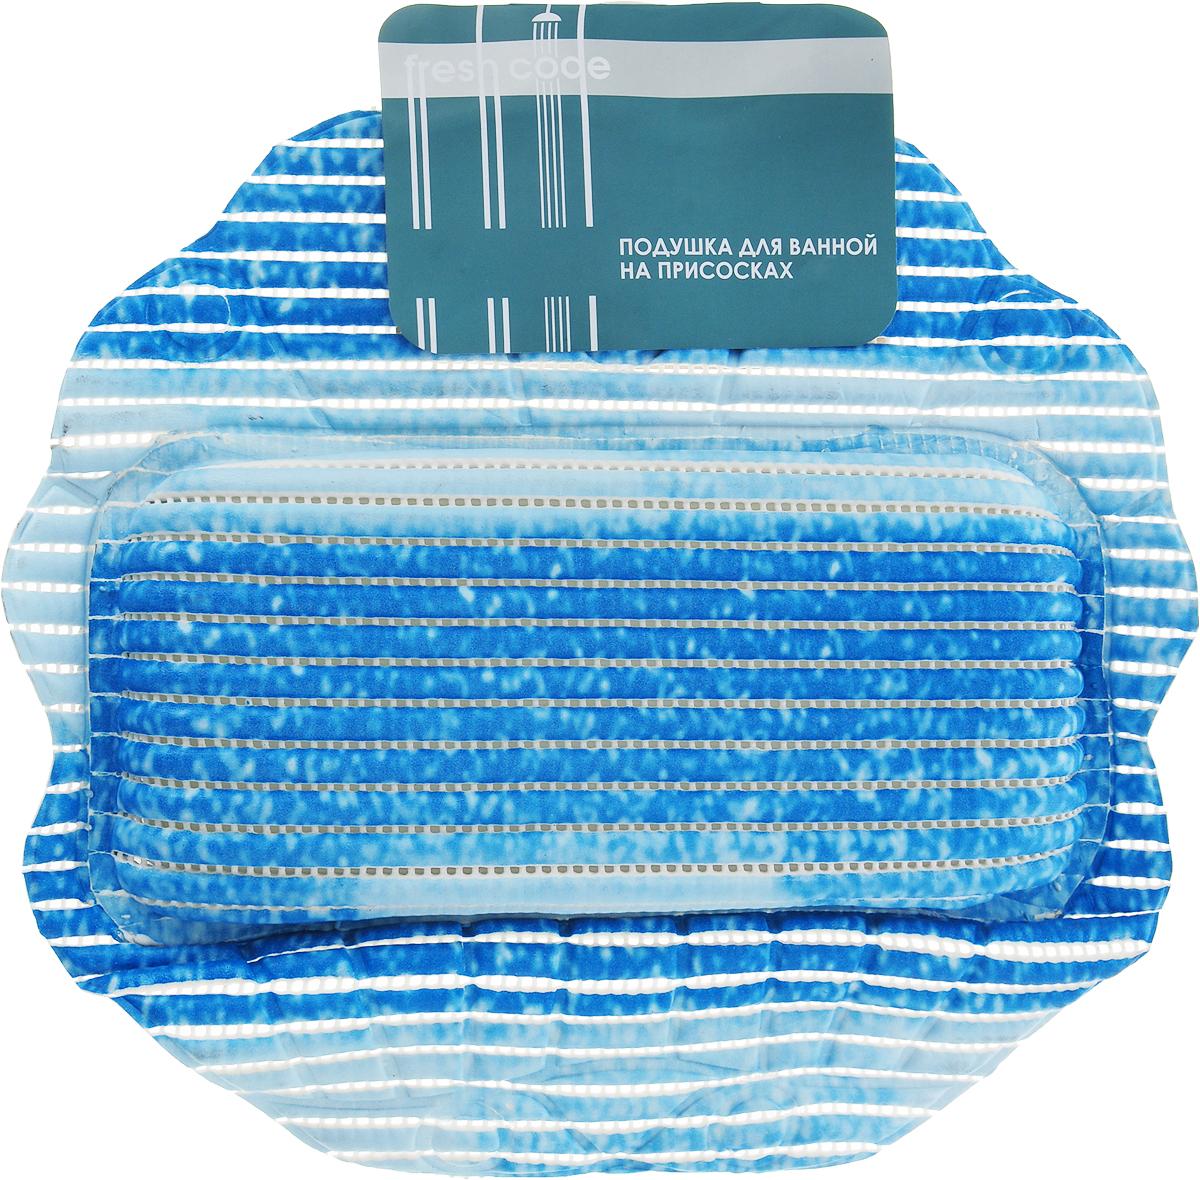 Подушка для ванны Fresh Code Flexy, на присосках, цвет: голубой, синий, 33 х 33 см55764_голубой, синийПодушка для ванны Fresh Code Flexy, на присосках, цвет: голубой, синий, 33 х 33 см